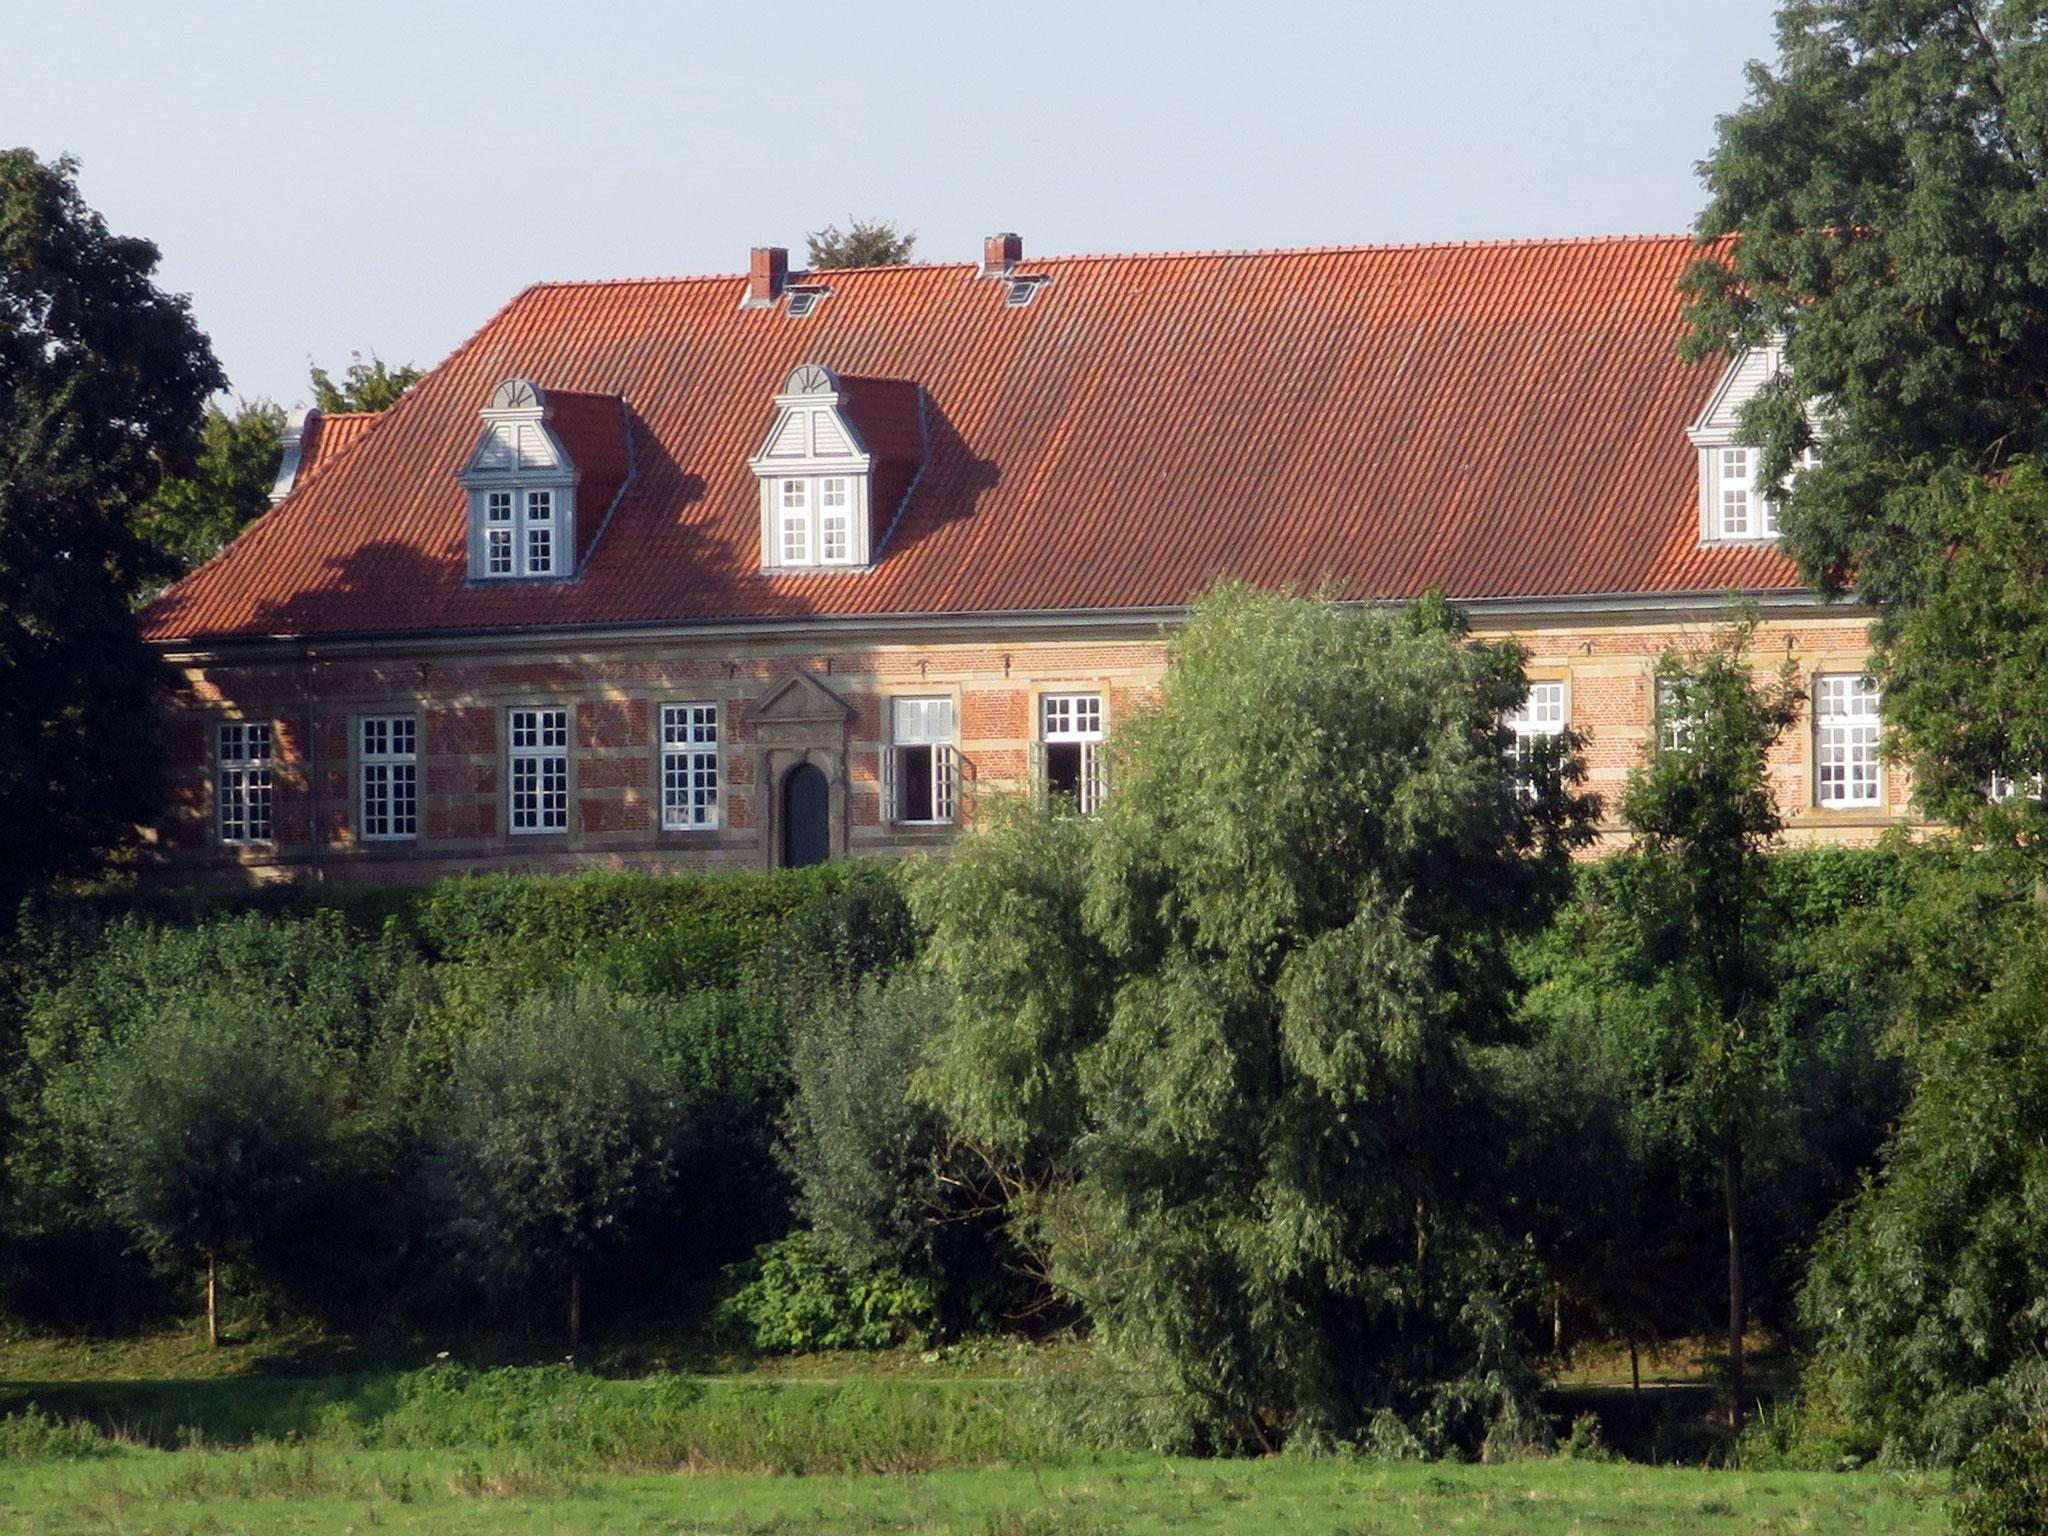 Schloss Landestrost über dem Fluss Kleine Leine